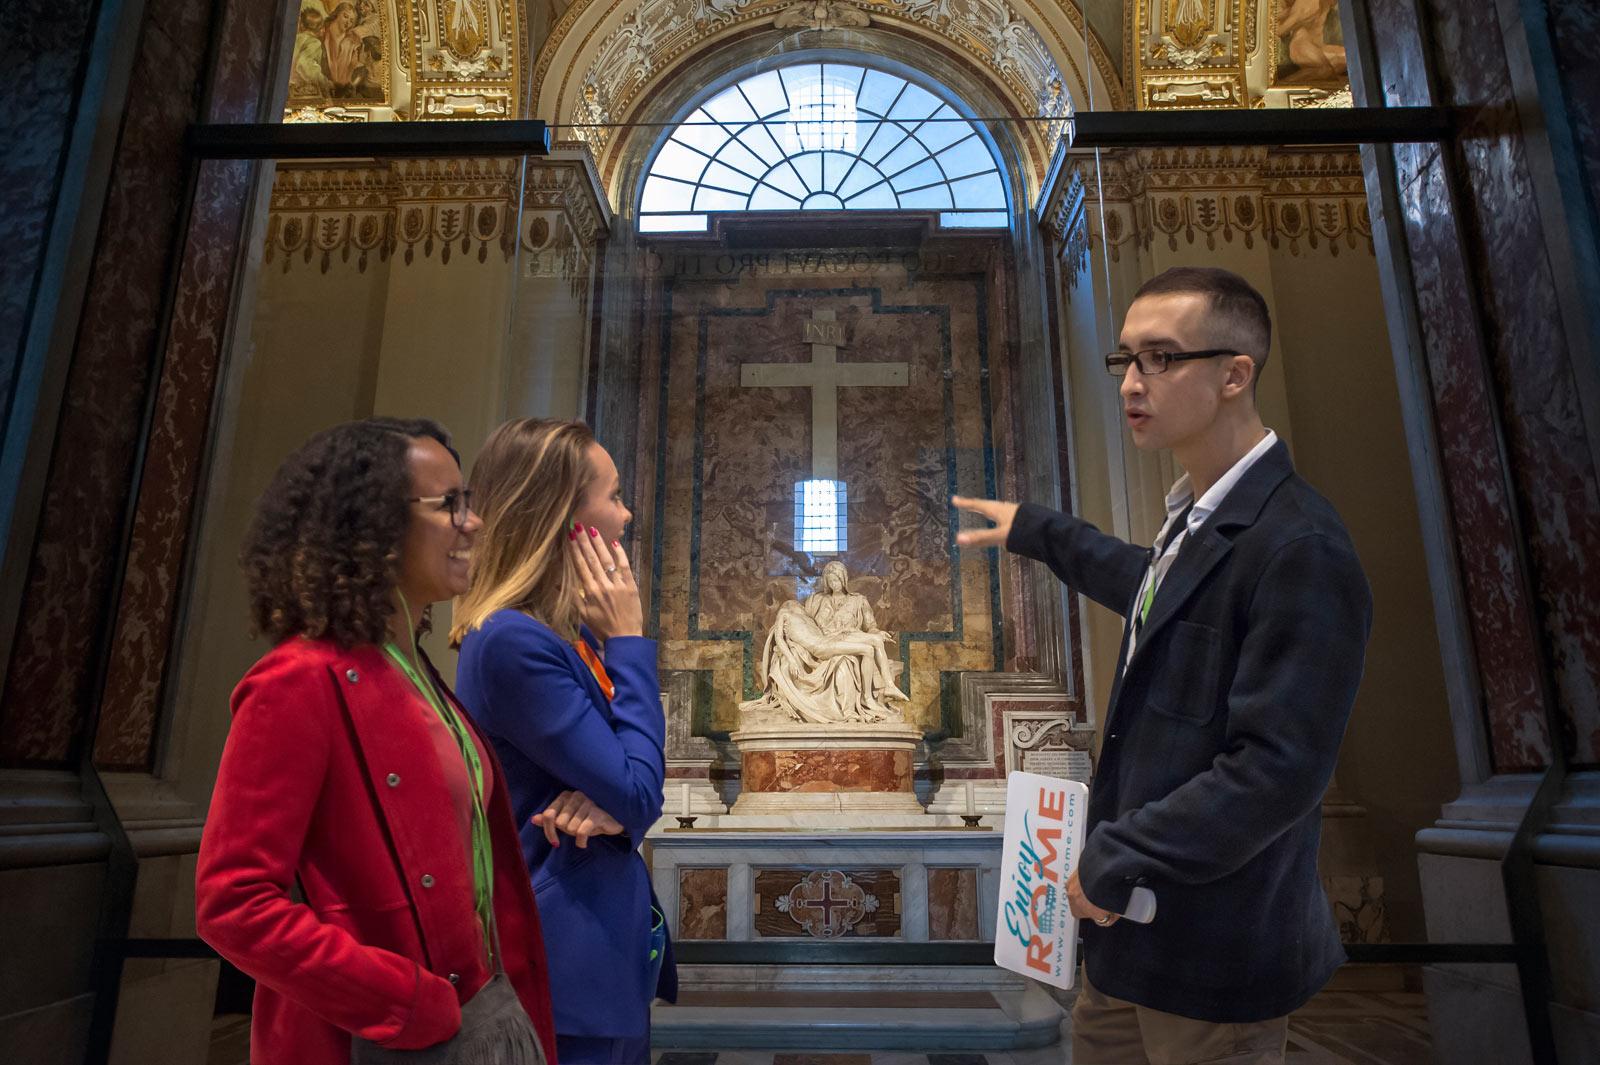 La Pietà de Michelangelo est l'une des sculptures les plus célèbres de la Renaissance (peut-être après le David). Cette sculpture réaliste fait partie de nombreuses autres œuvres d'art précieuses que l'on peut trouver à l'intérieur de la basilique Saint-Pierre, avec le Baldaquin du Bernin et le tombeau d'Alexandre VII.